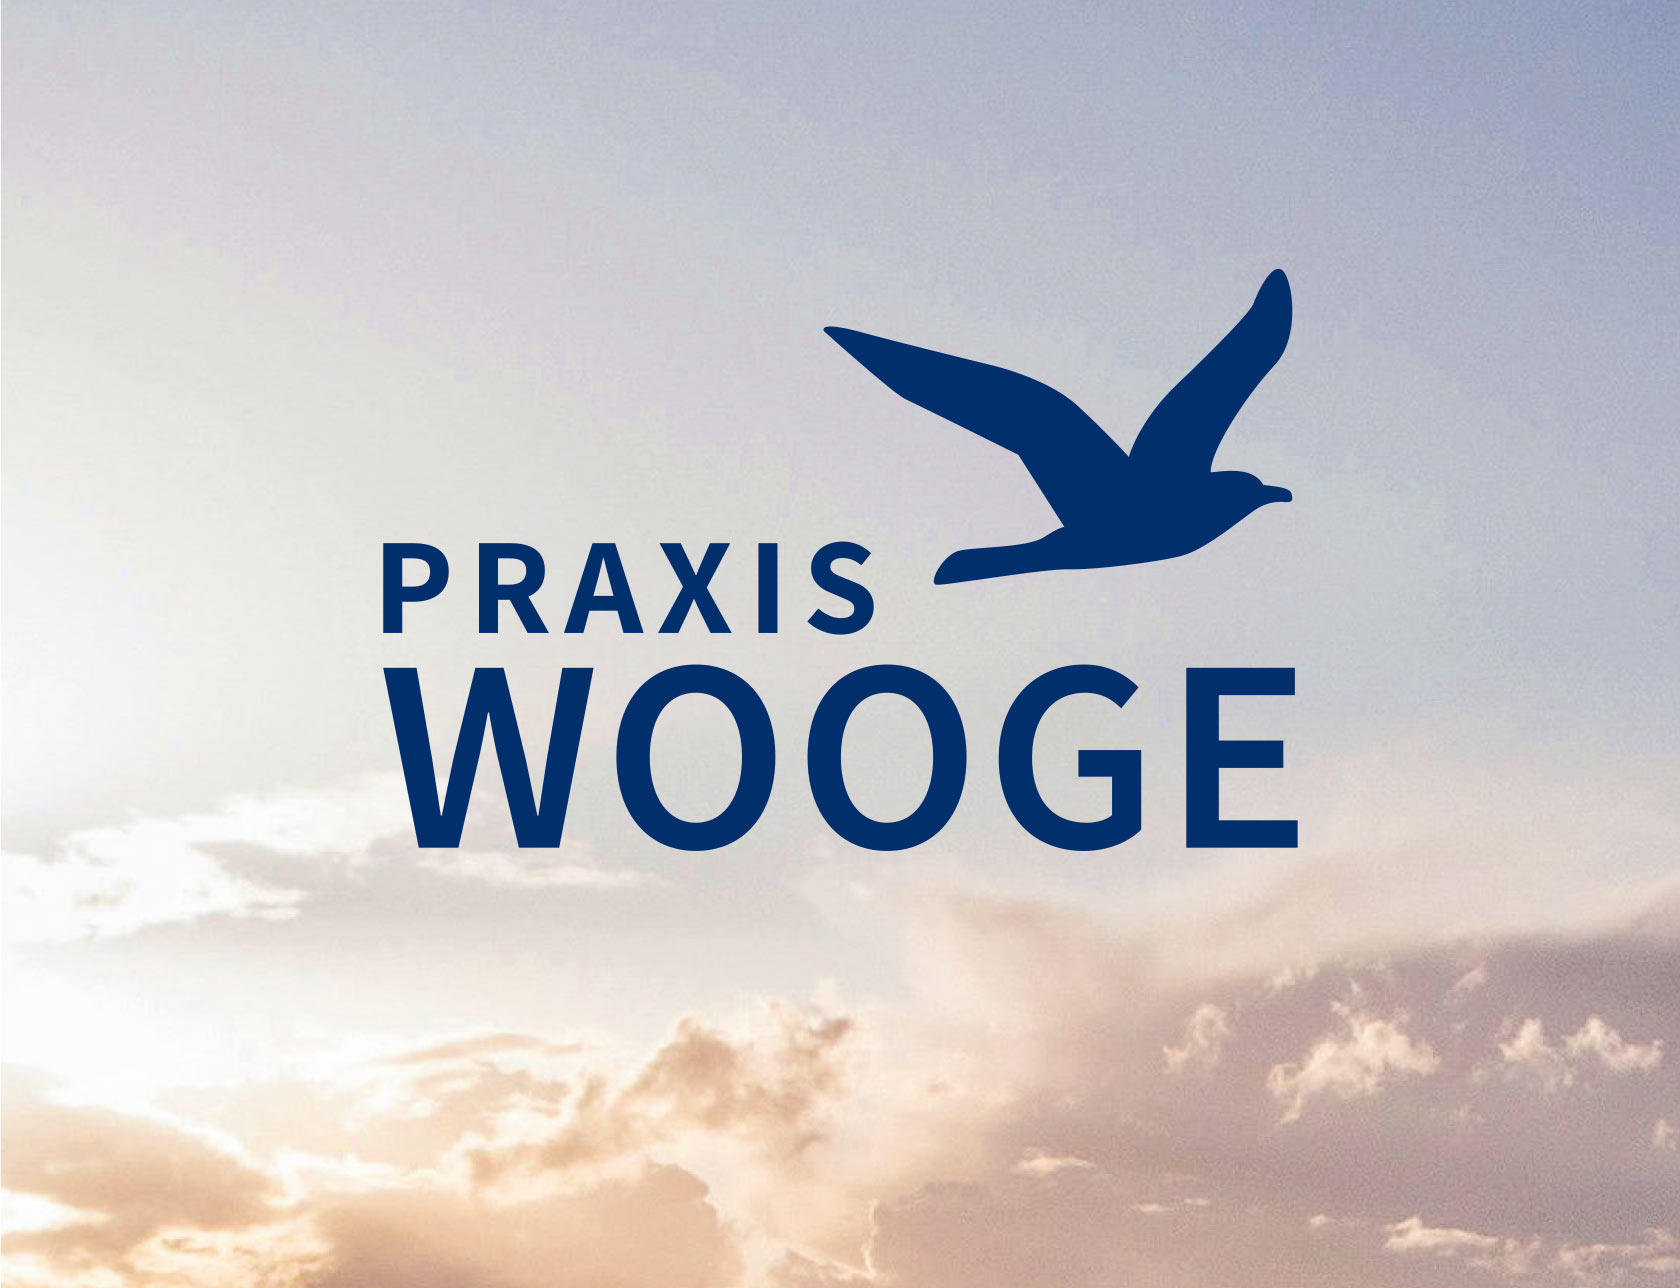 Logo Praxis Wooge